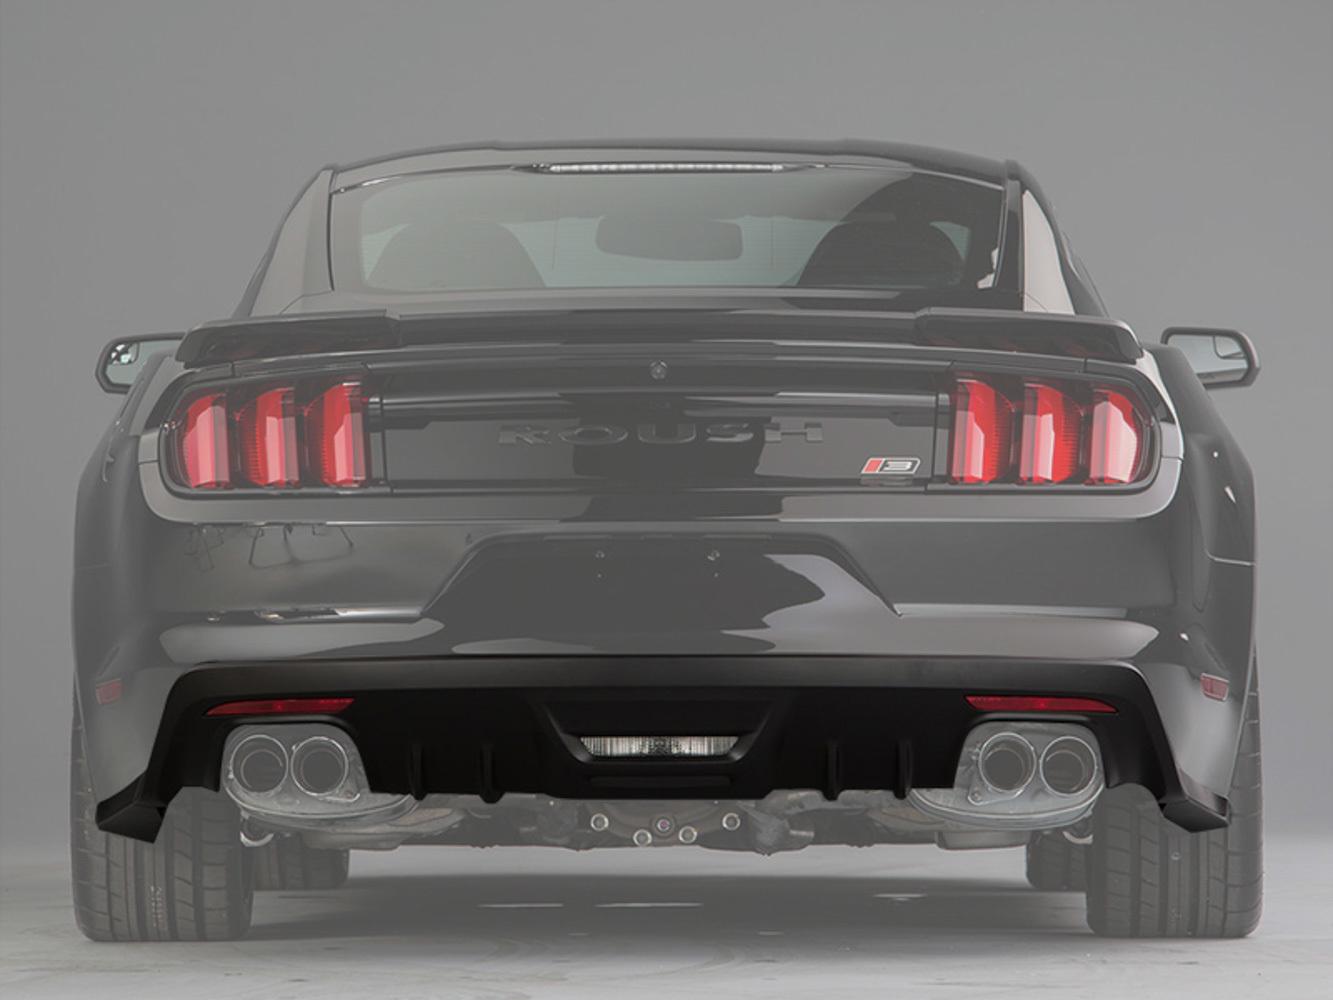 Roush Rear Fascia Valance 15- Up Mustang - Roush